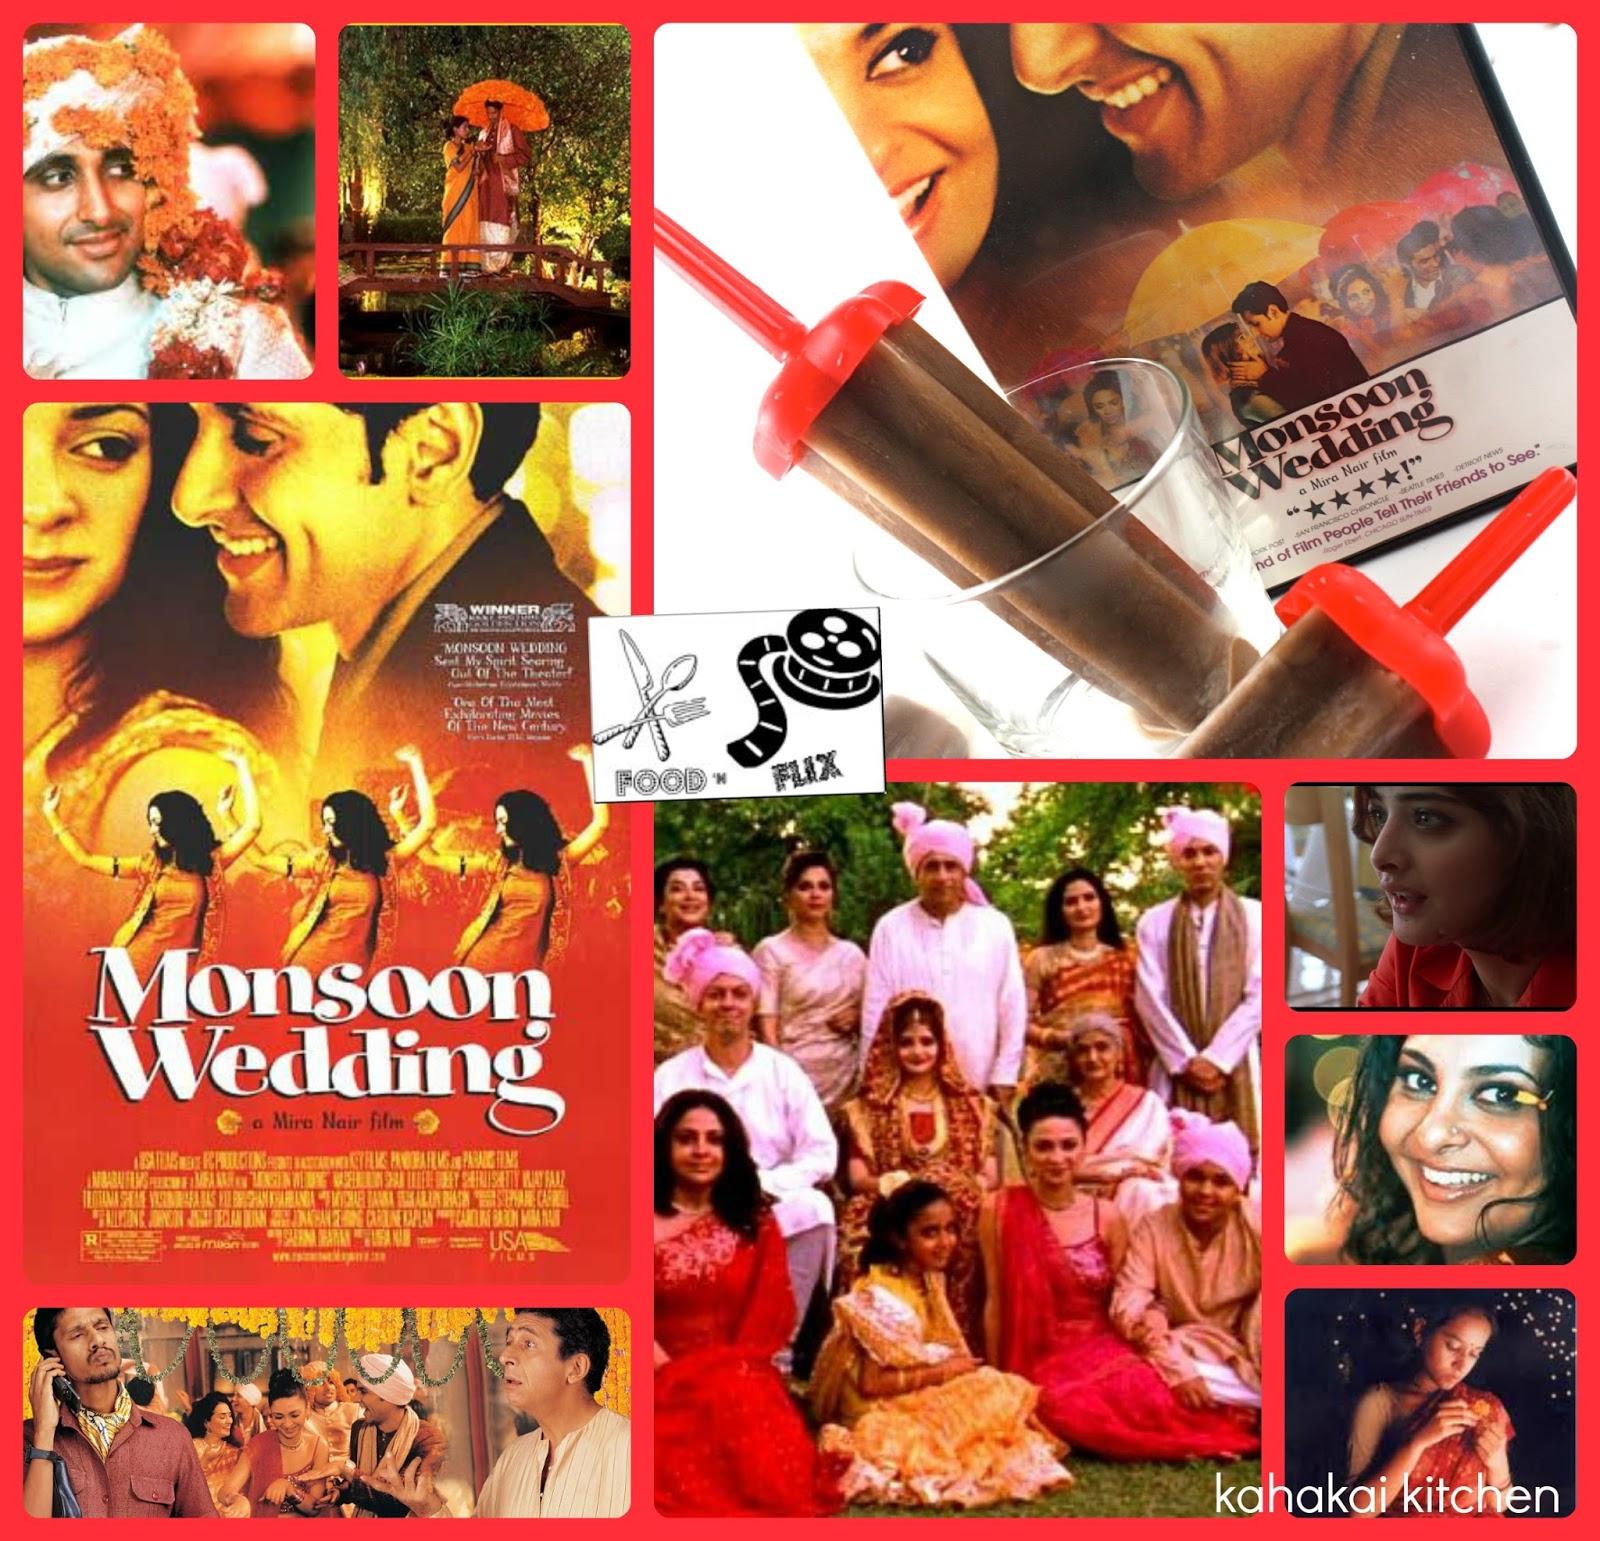 Monsoon Wedding Songs: Kahakai Kitchen: July 2013